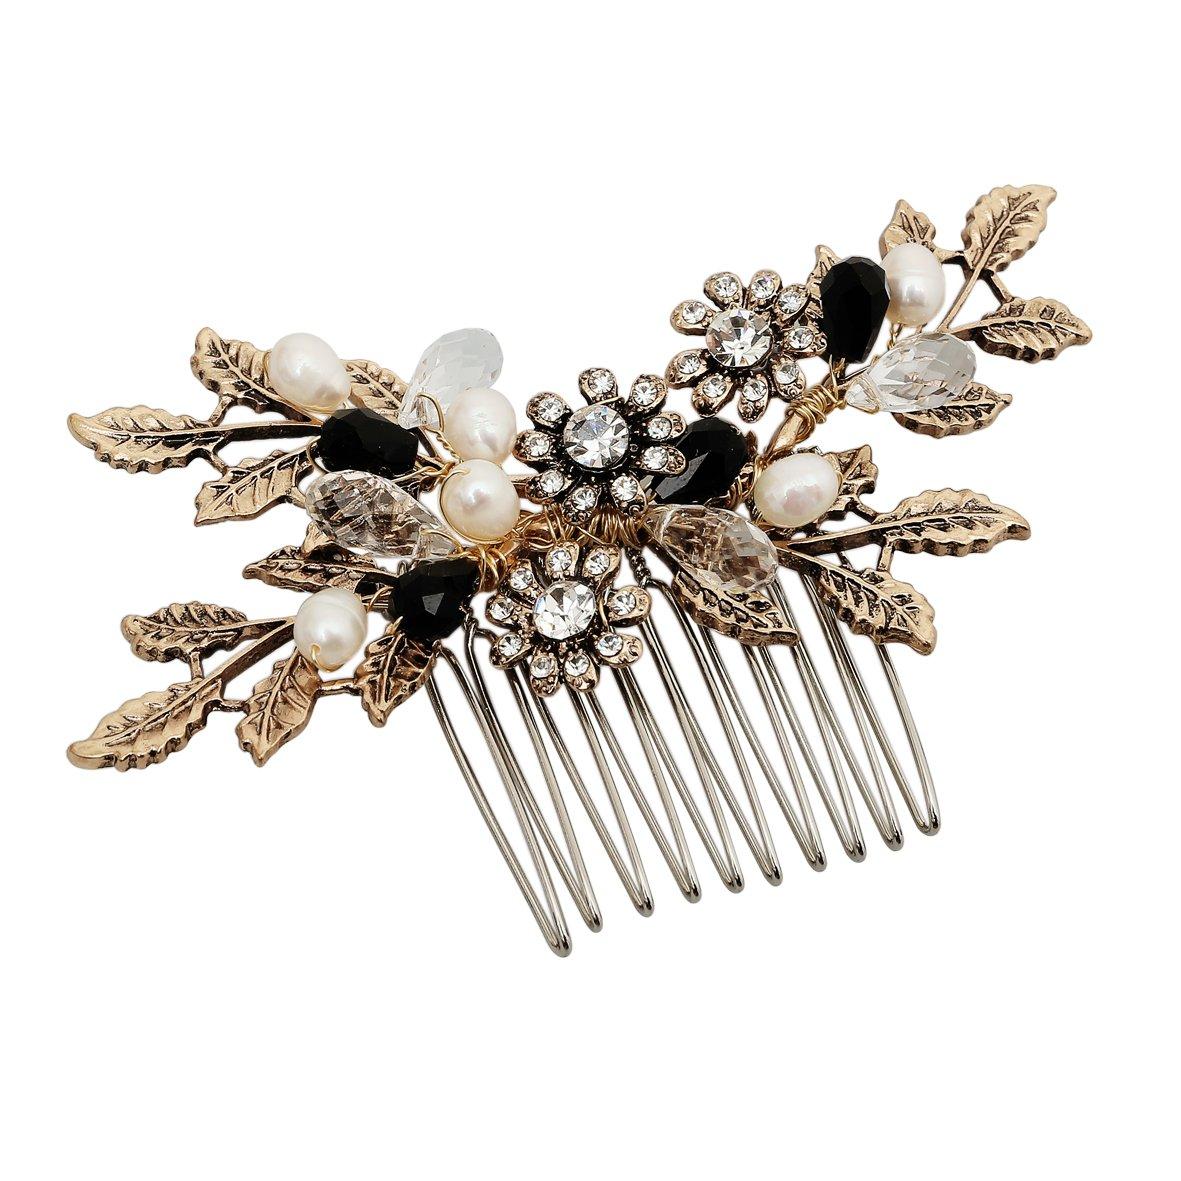 Vintage Black Flower Crystal Pearl Side Combs Bridal Headpiece Wedding Hair Accessories by MEiySH (Image #1)